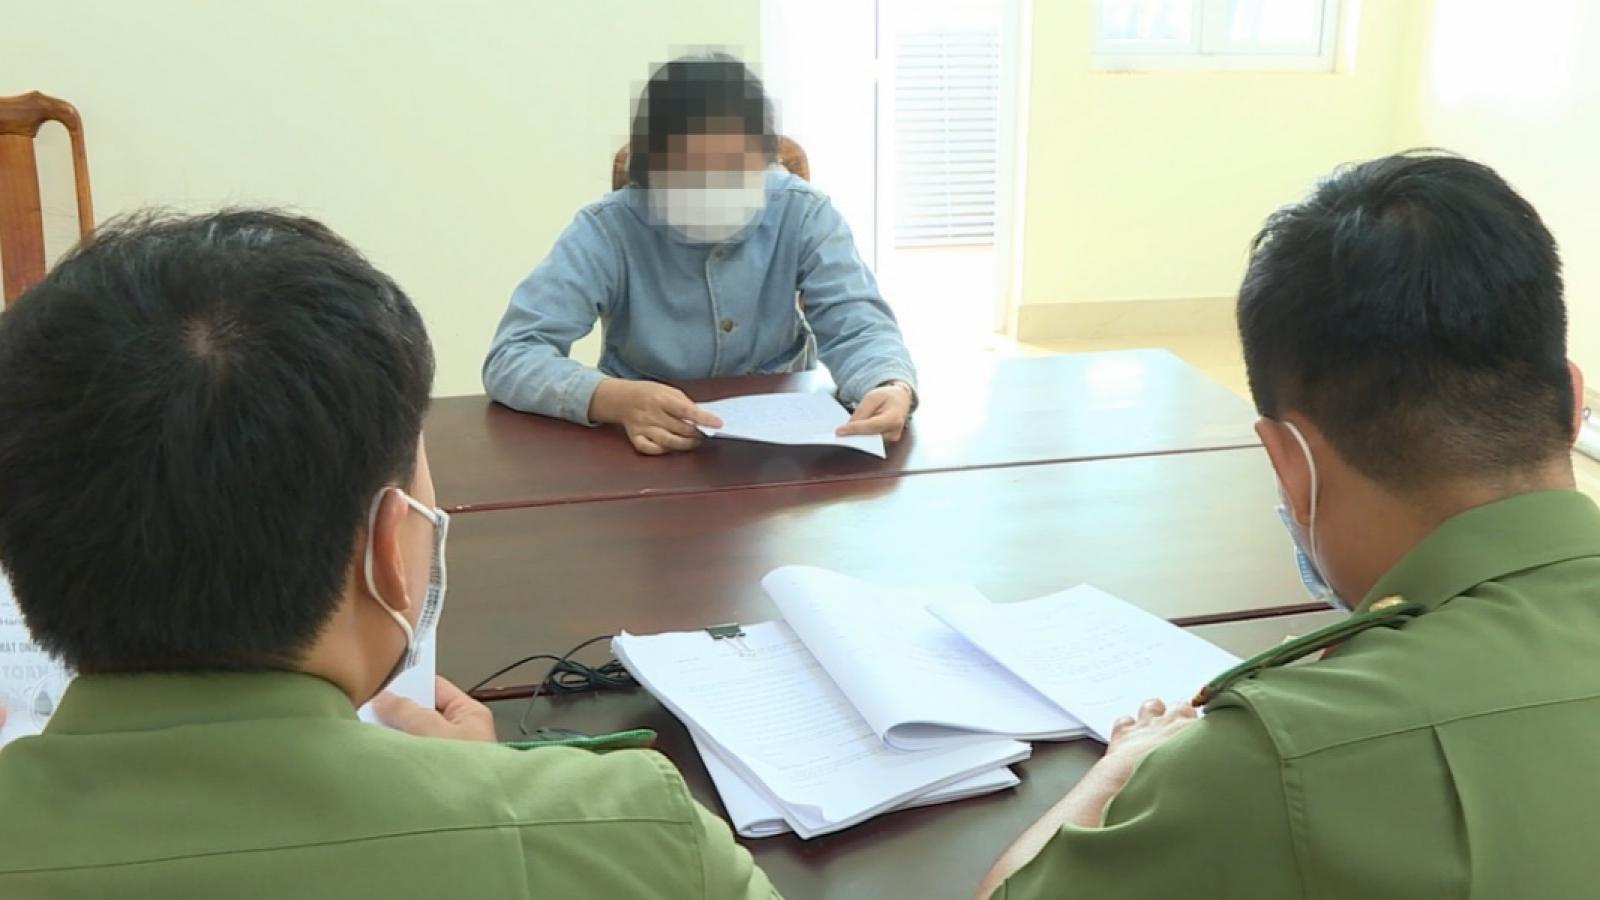 Tung tin sai sự thật về dịch Covid-19, một phụ nữ bị xử lý